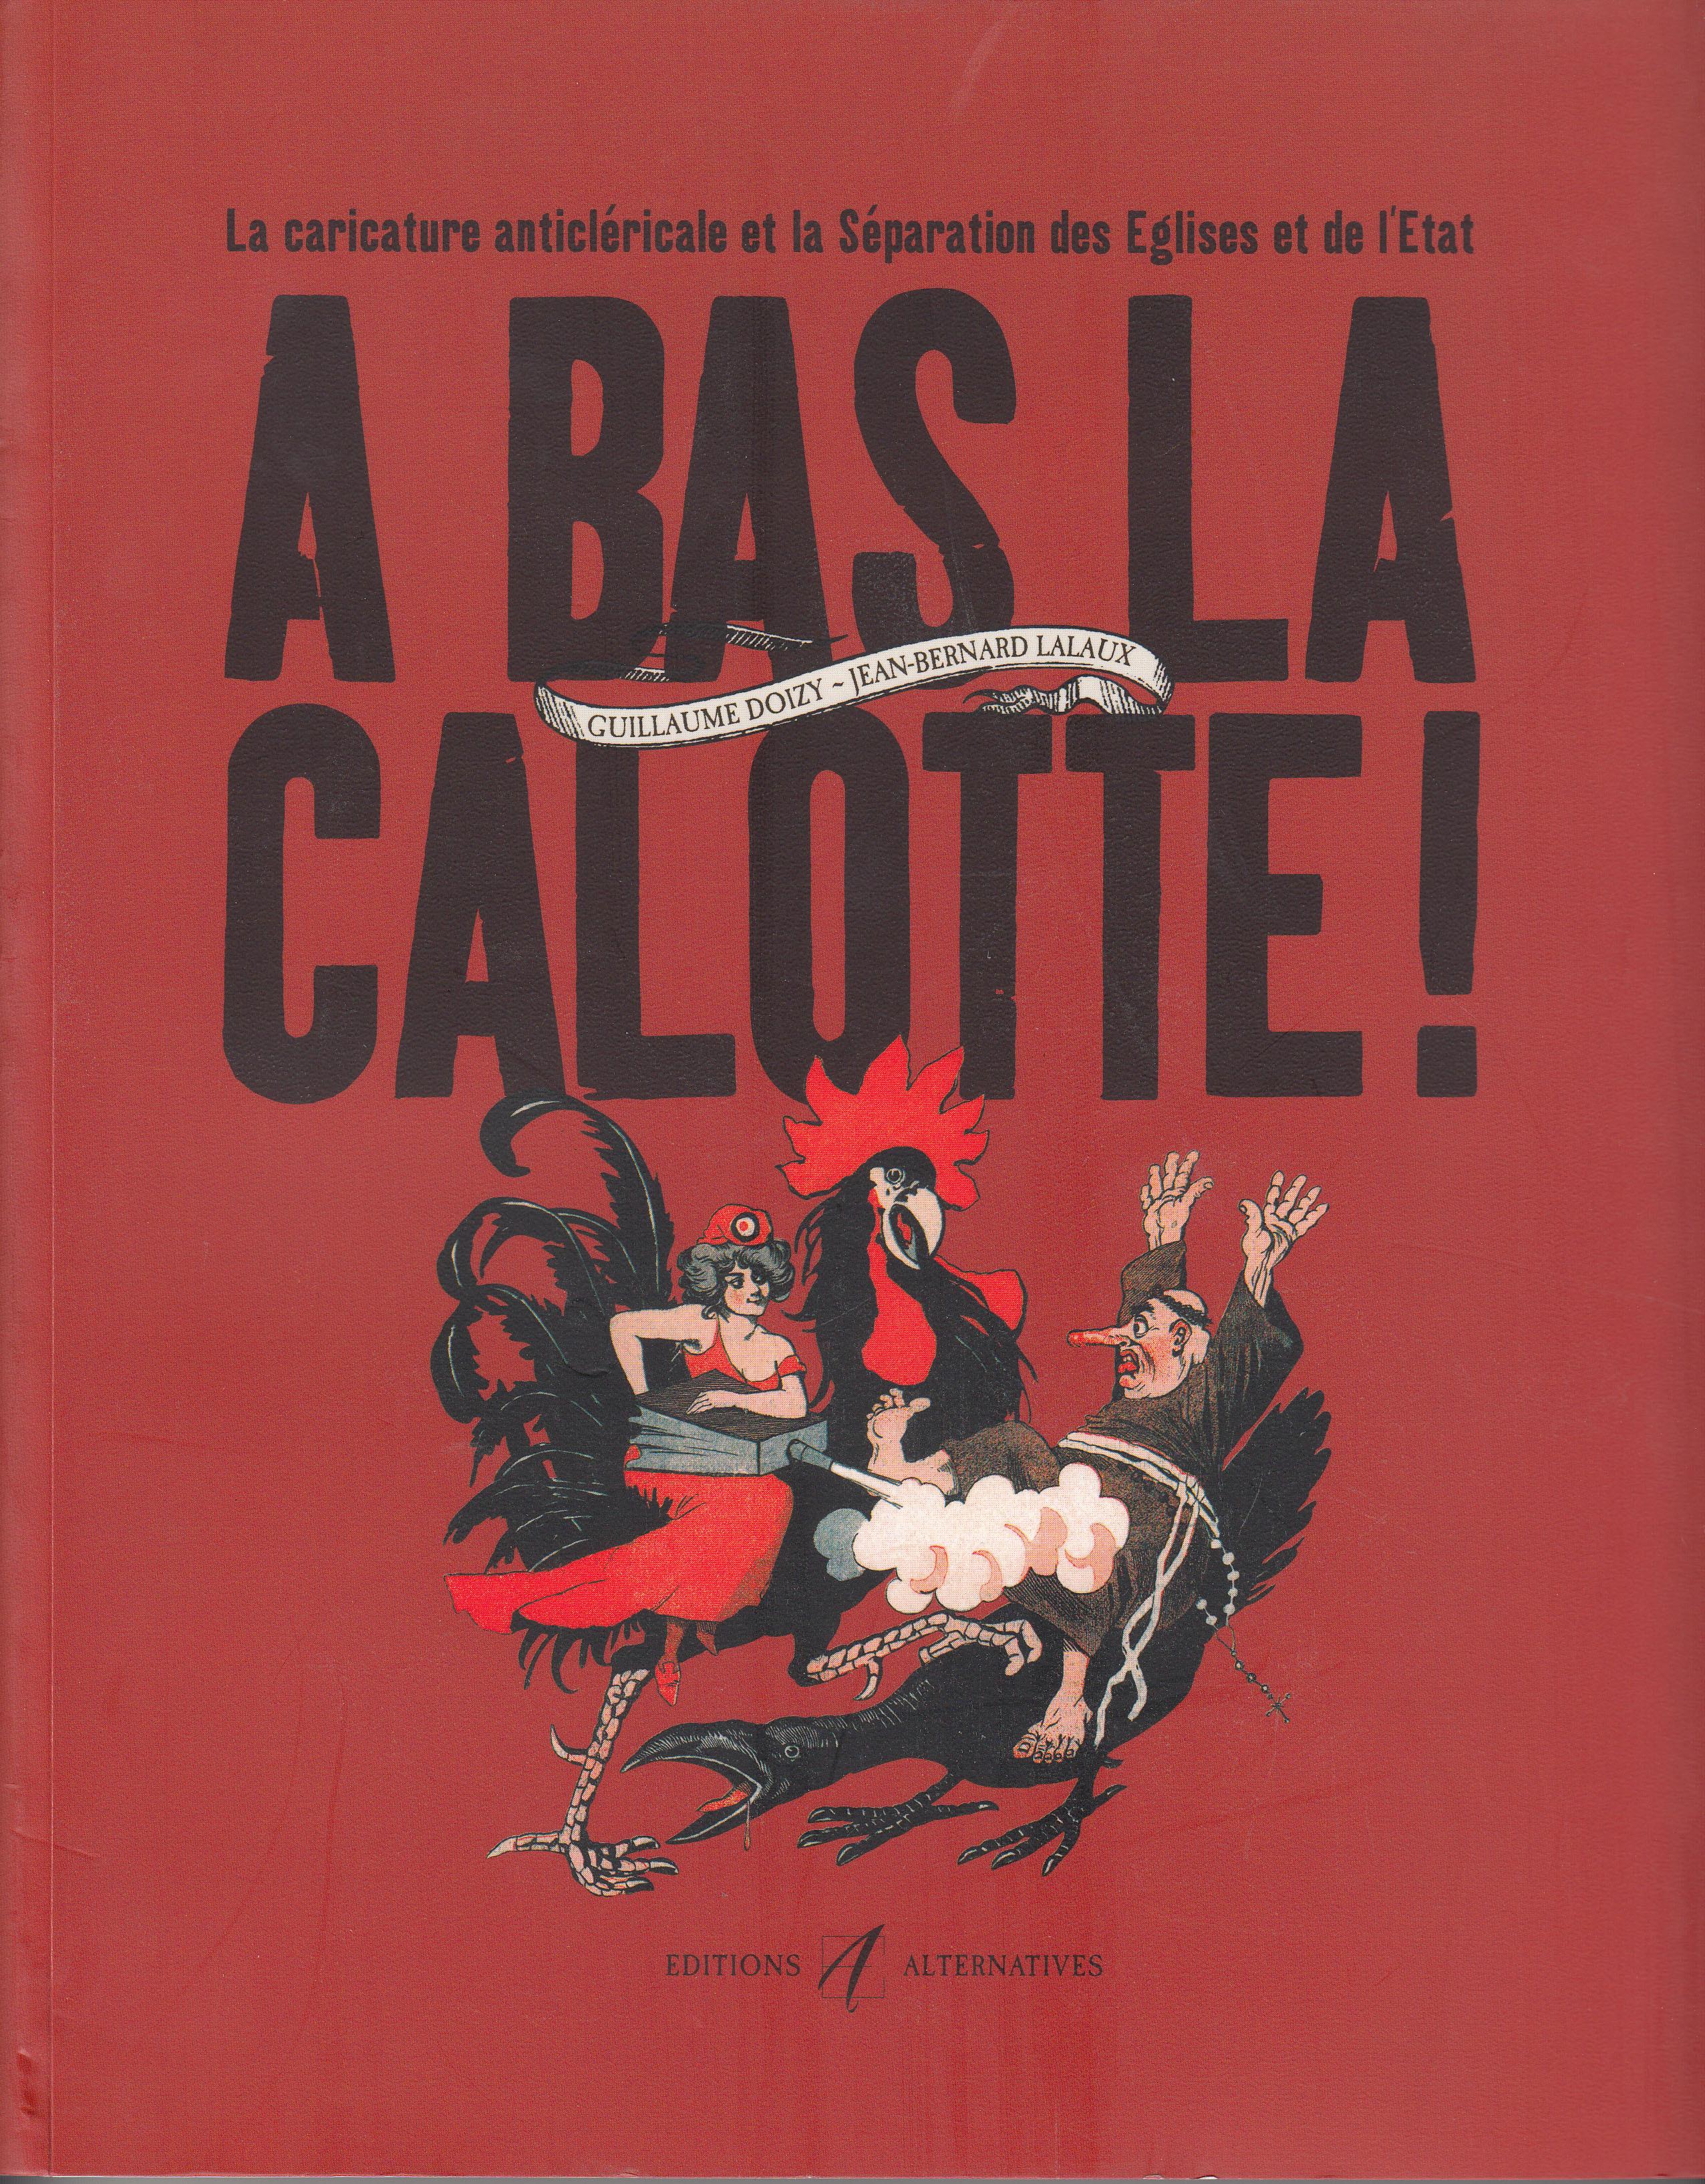 A BAS LA CALOTTE ! - LA CARICATURE ANTICLERICALE ET LA SEPARATION DES EGLISES ET DE L'ETAT